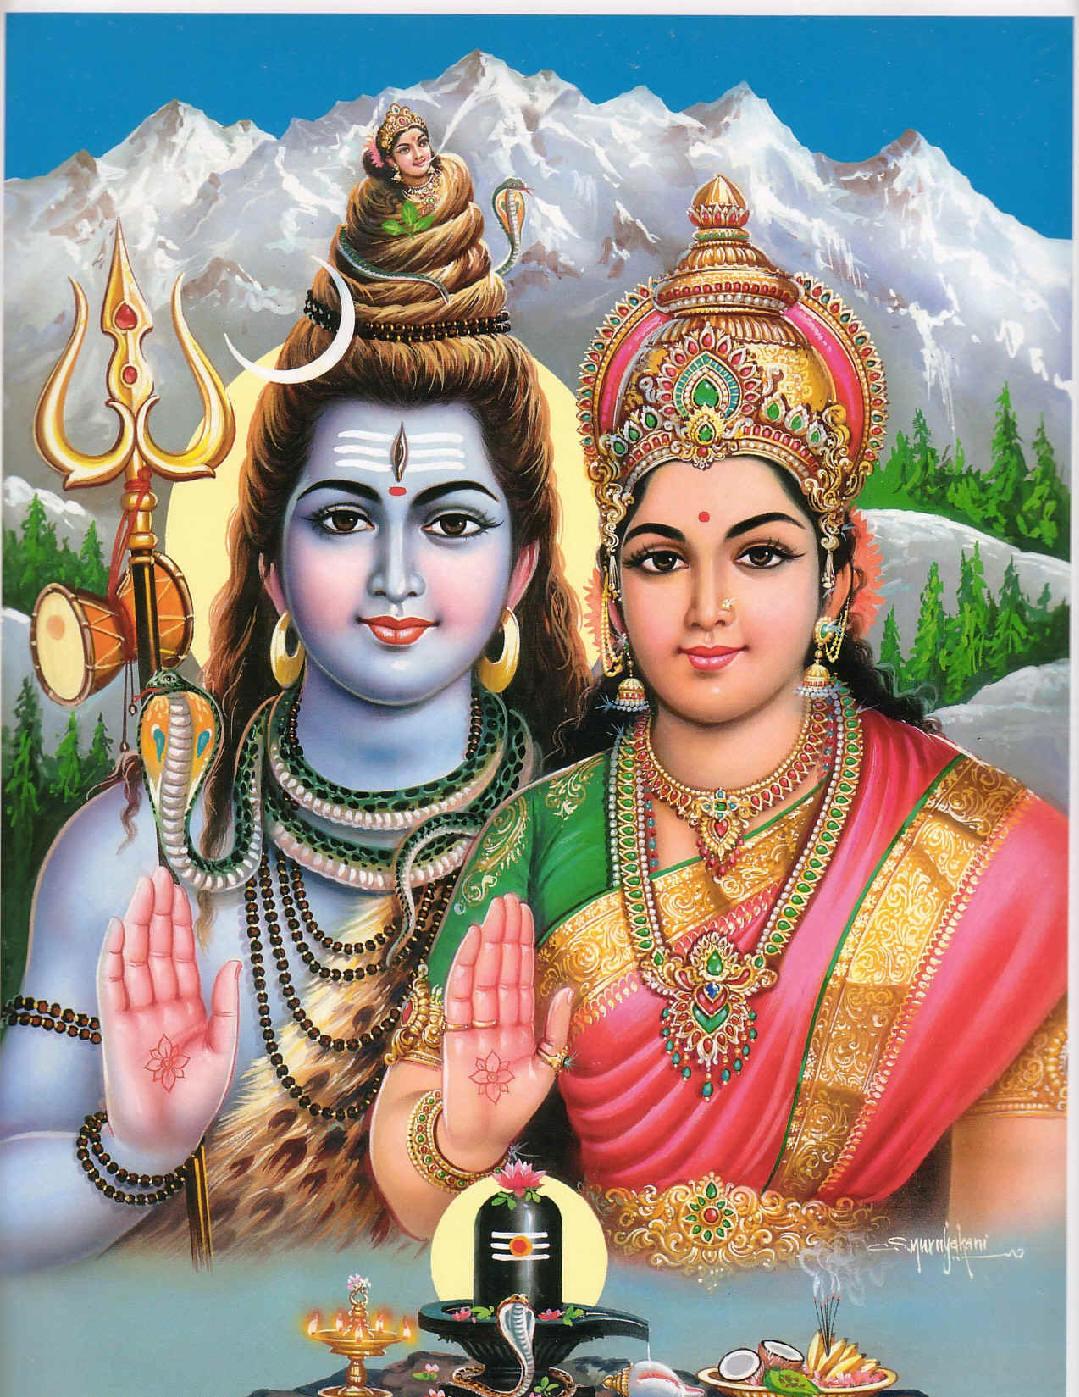 http://2.bp.blogspot.com/-AoOjyN2FwJM/TsZUdtJ32SI/AAAAAAAAAJg/KseaHTJQ7d0/s1600/Siva_Parvathi.jpg